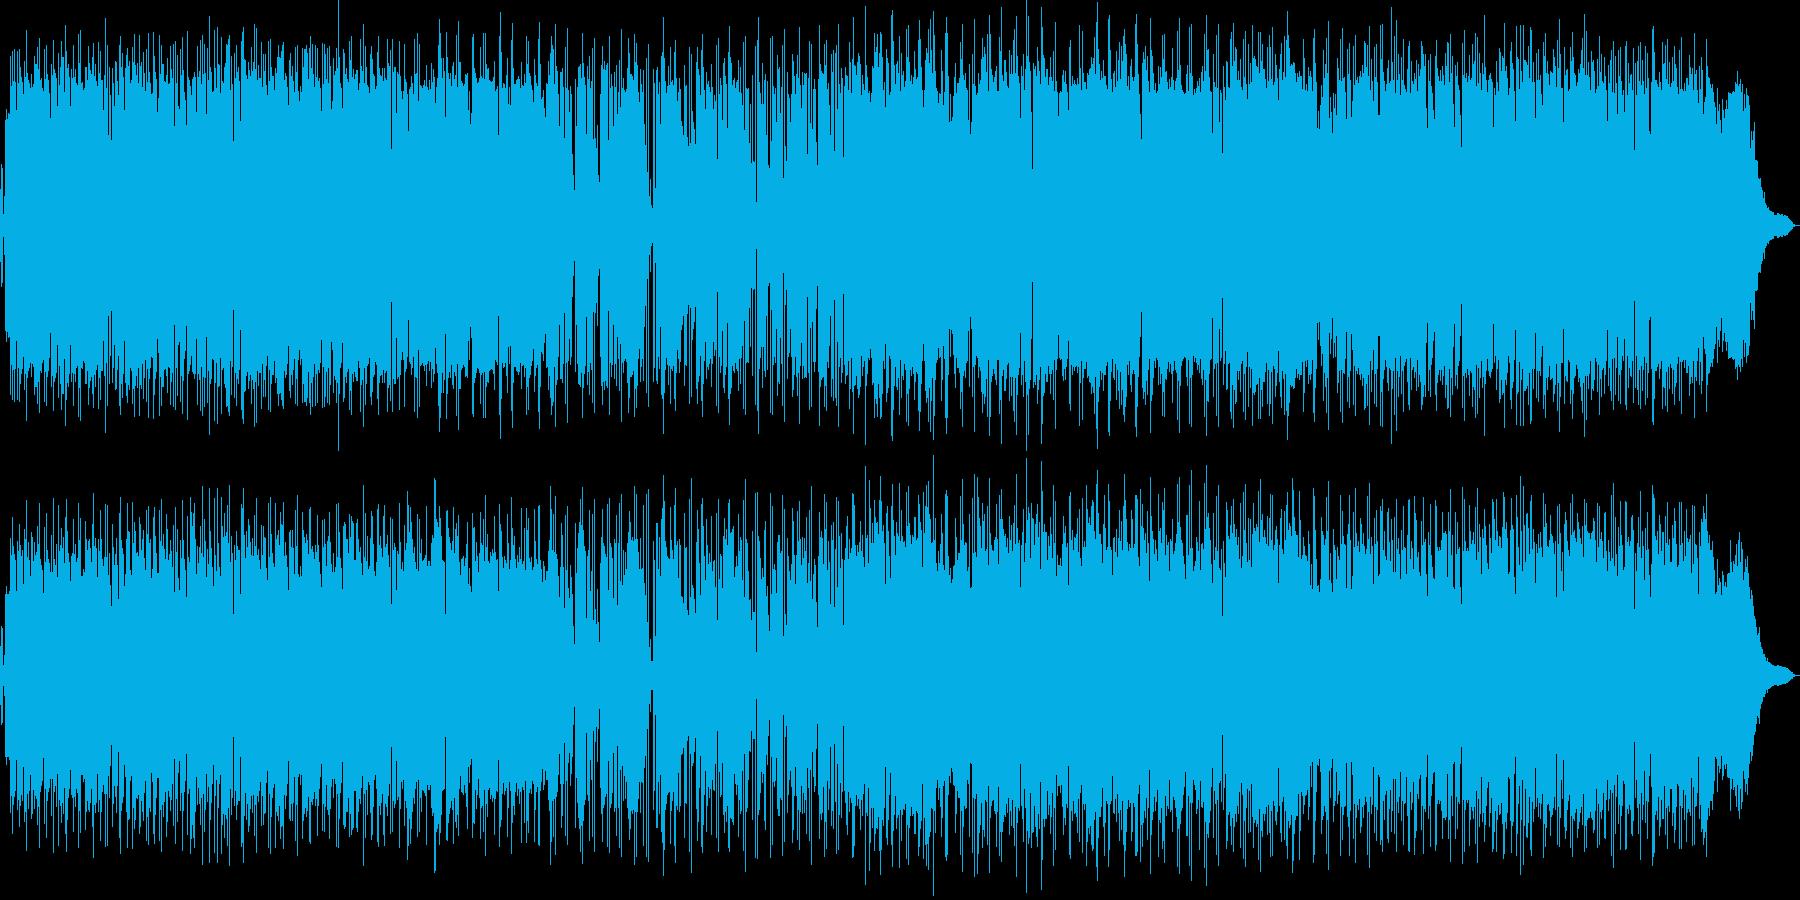 ムードある夏のミュージックの再生済みの波形